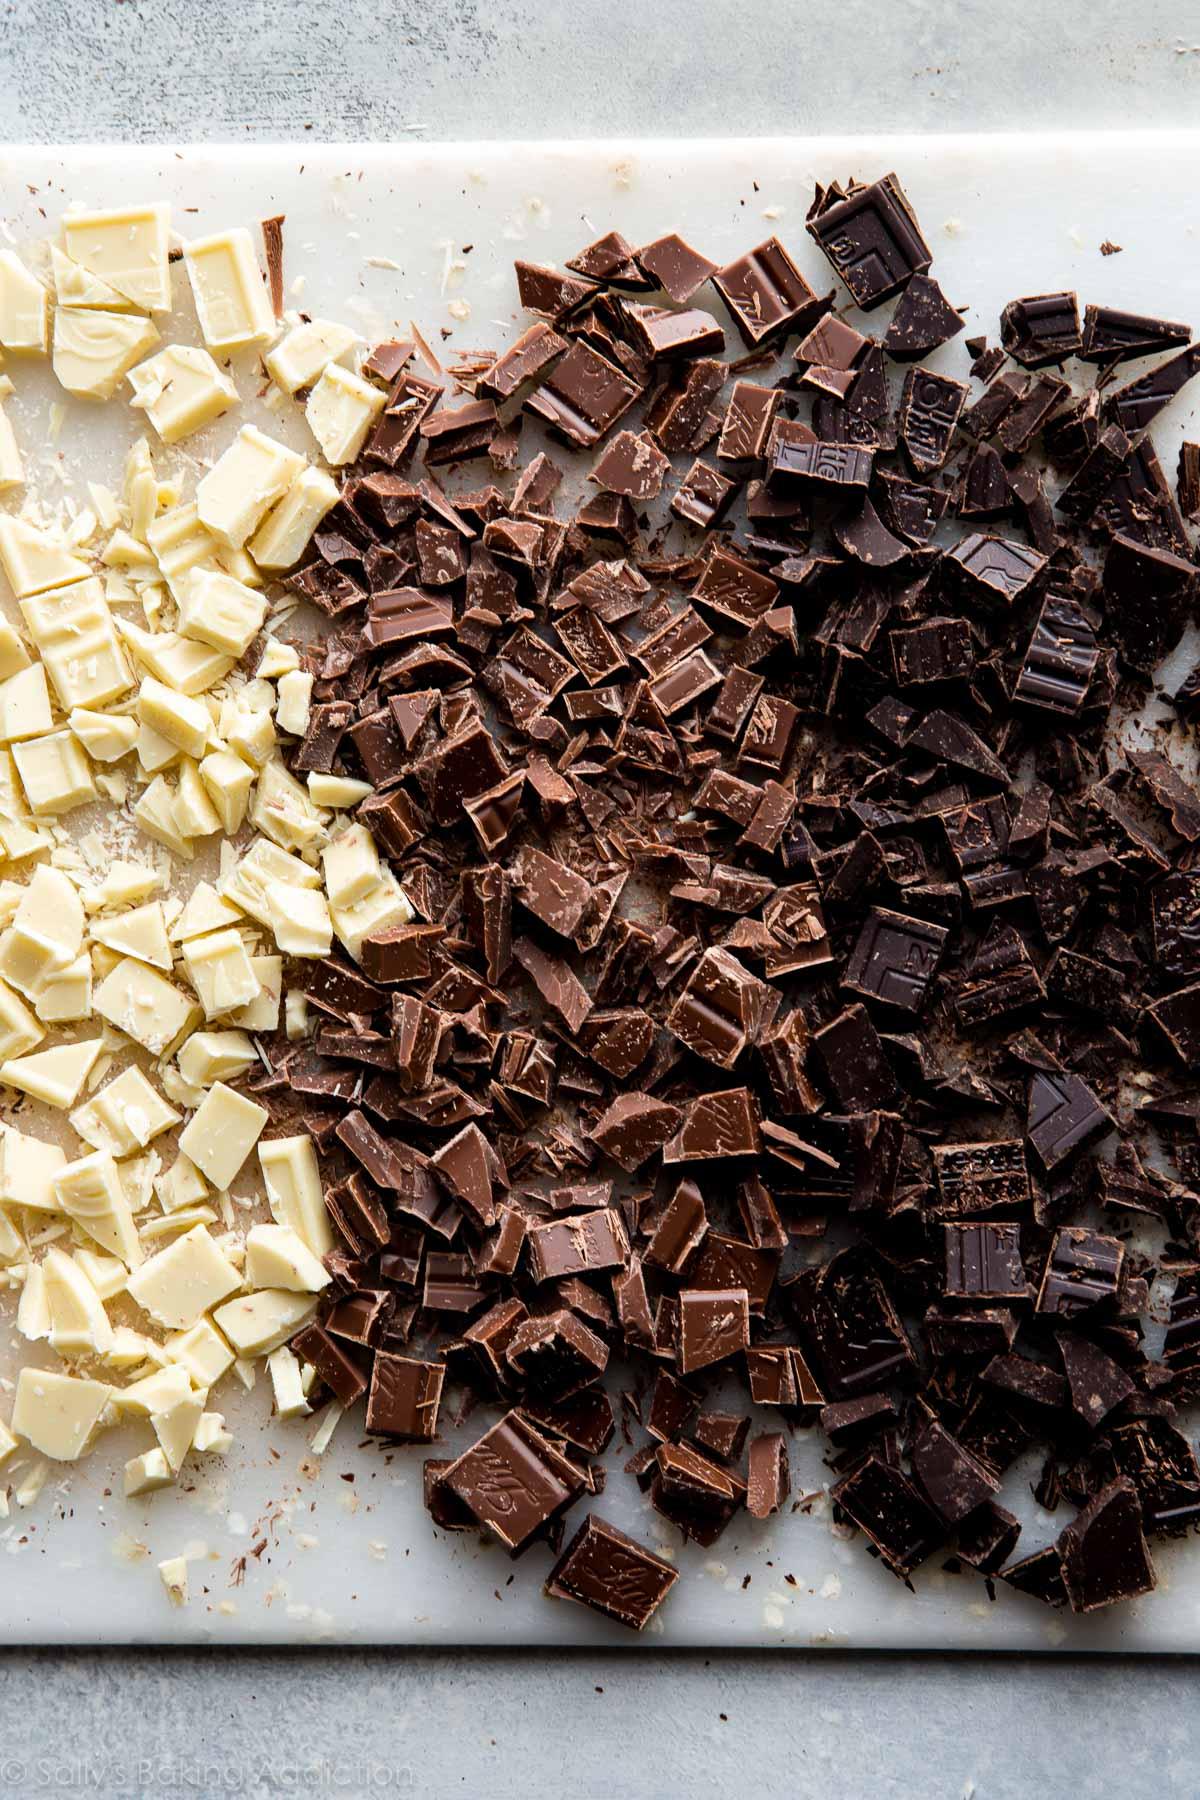 Baking Basics: Baking with Chocolate - Sallys Baking Addiction